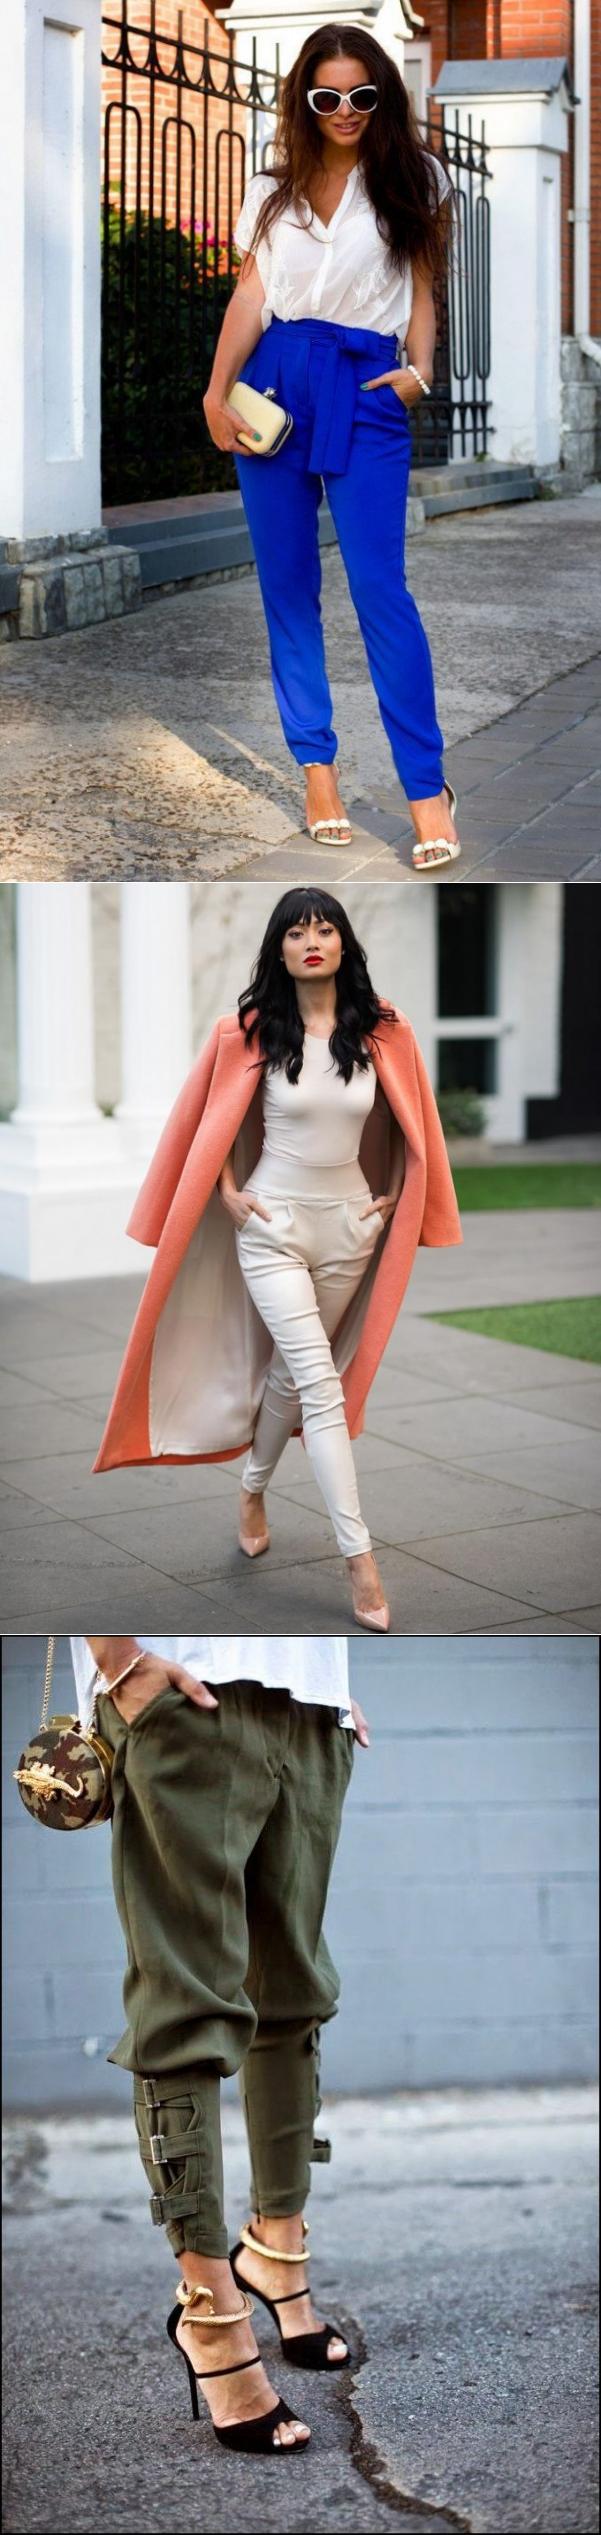 Звездные стилисты поделились секретами сочетания принтов в одежде. Всё мне стало ясно теперь новые фото